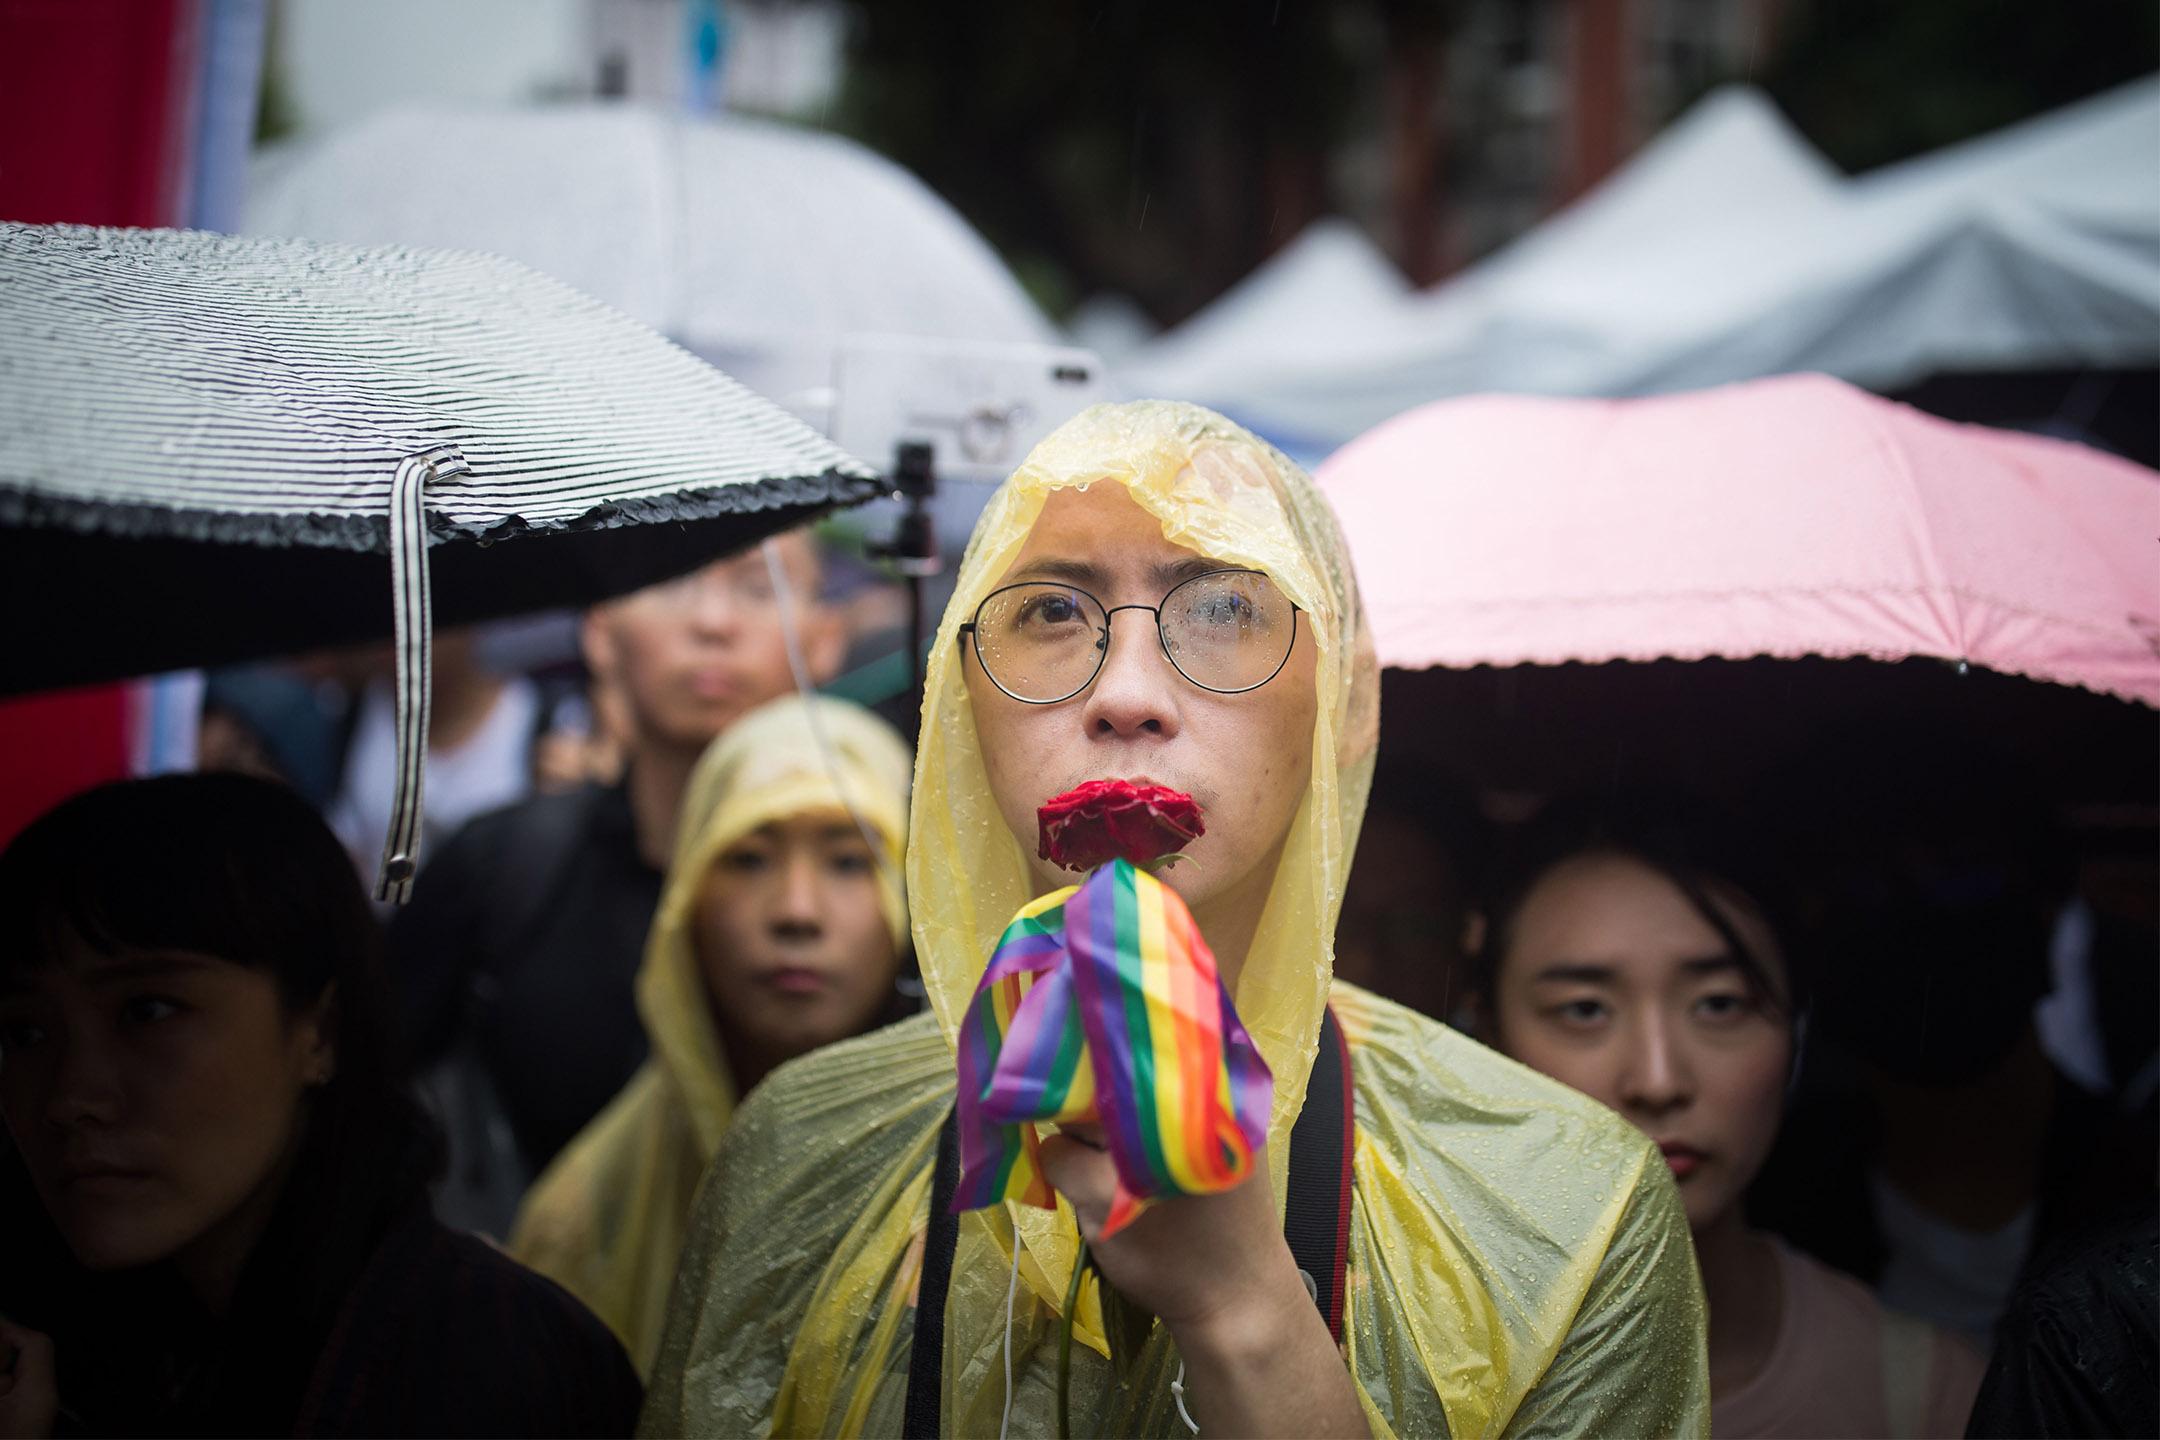 2019年5月17日,台灣同志婚姻法案於立法院進行逐條討論和表決,立法院外挺同團體發起集會,超過4萬人參加,參加者在雨中等候結果。 攝:陳焯煇/端傳媒